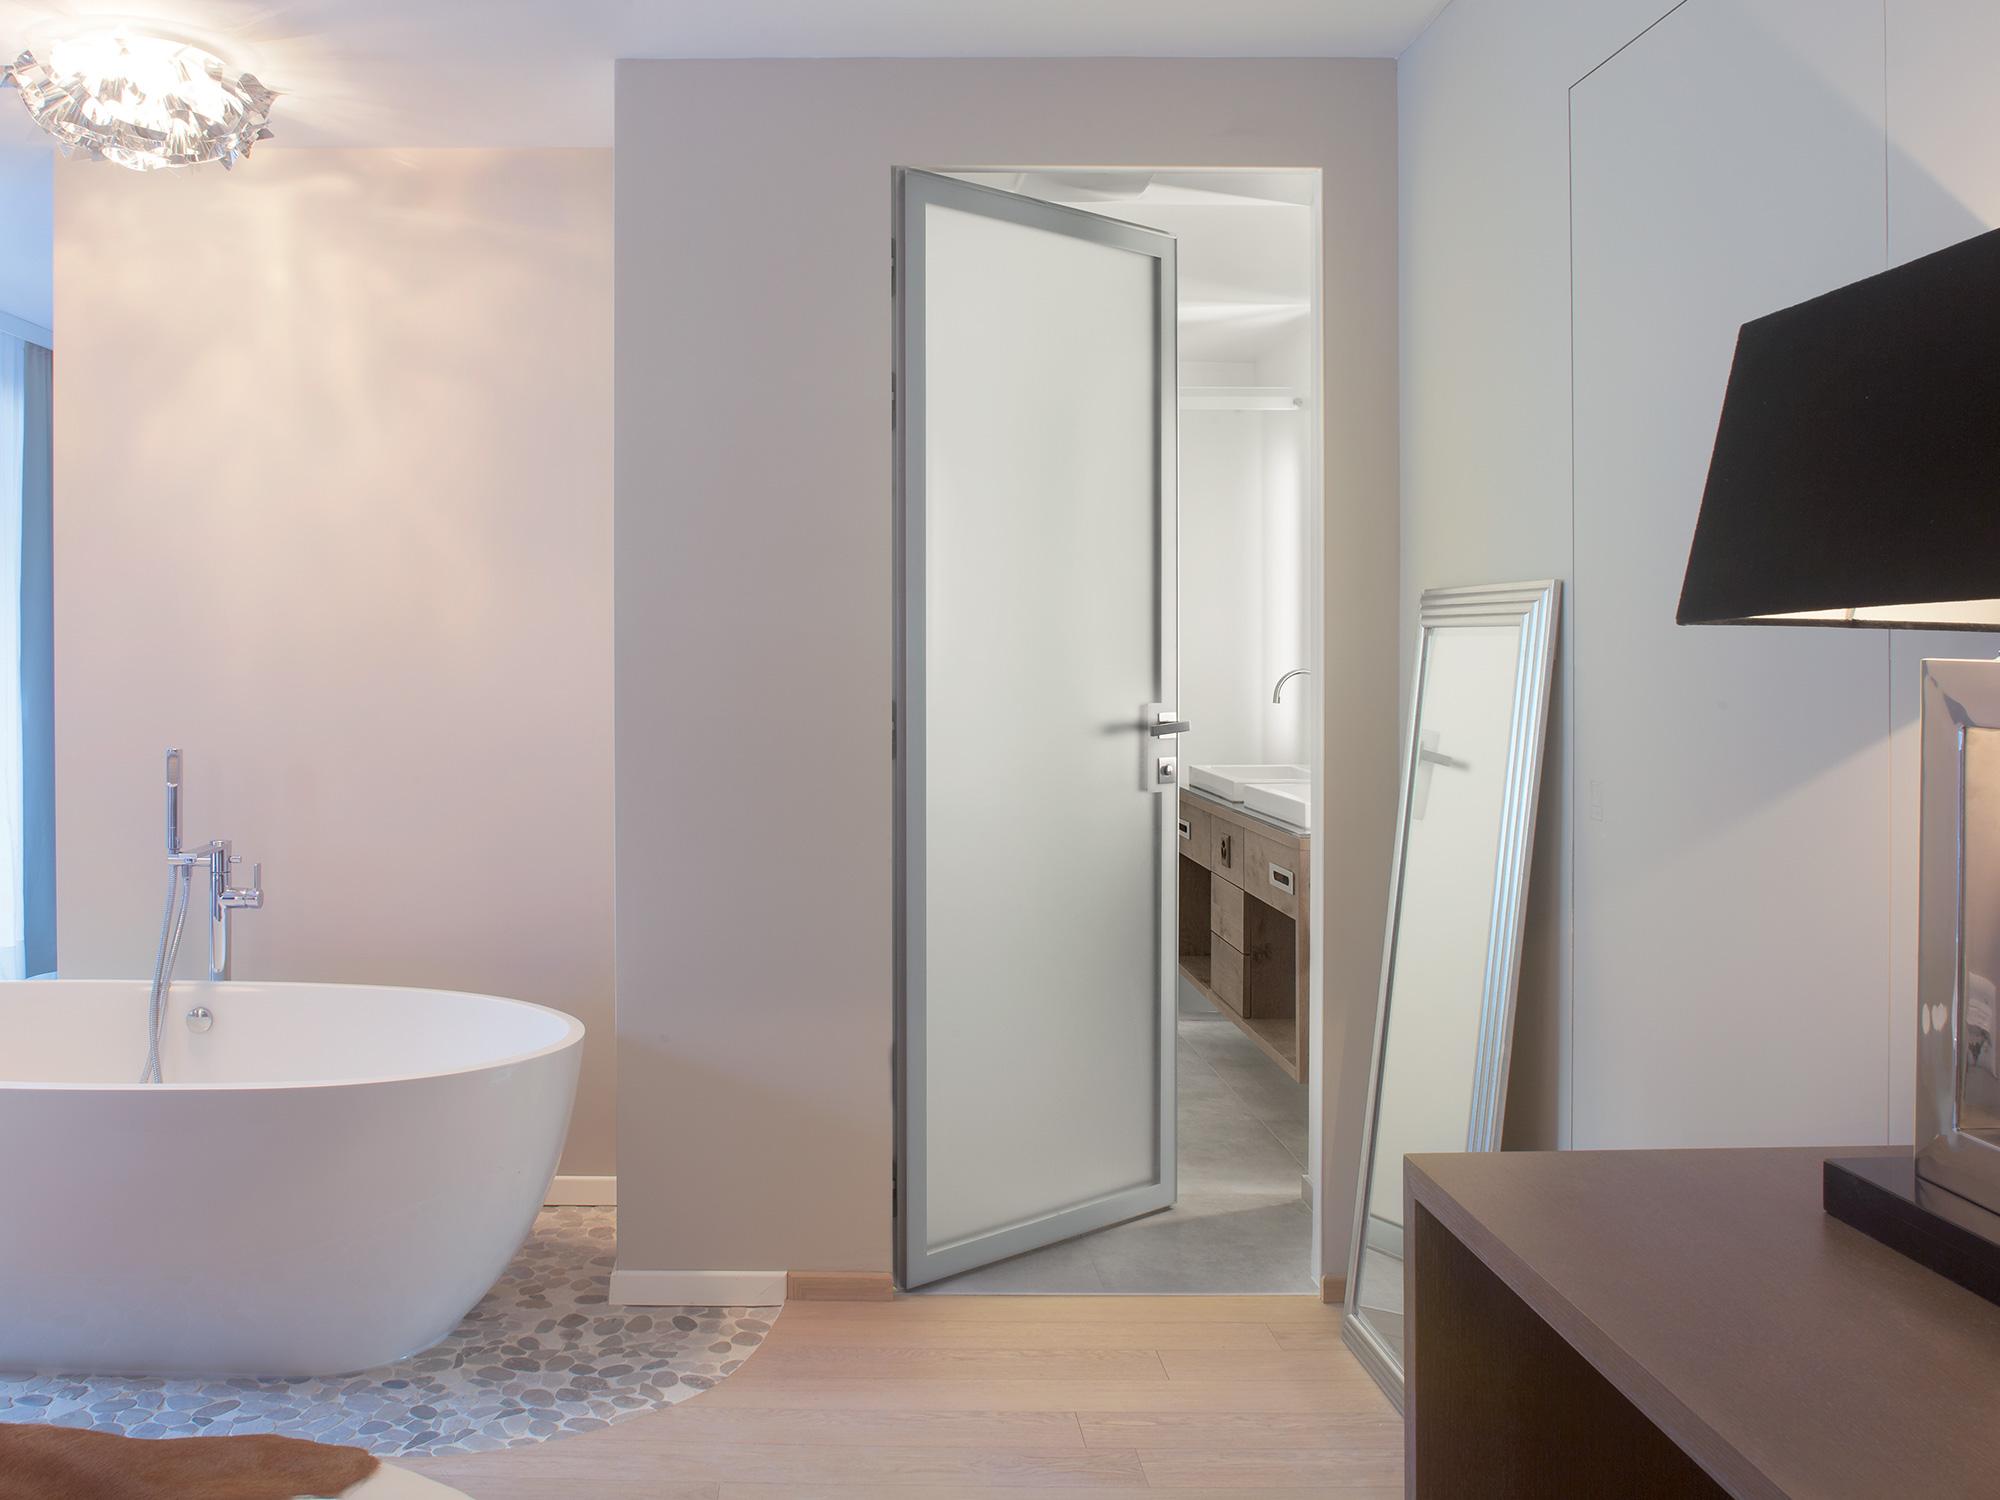 Межкомнатная дверь со стеклом в ванной